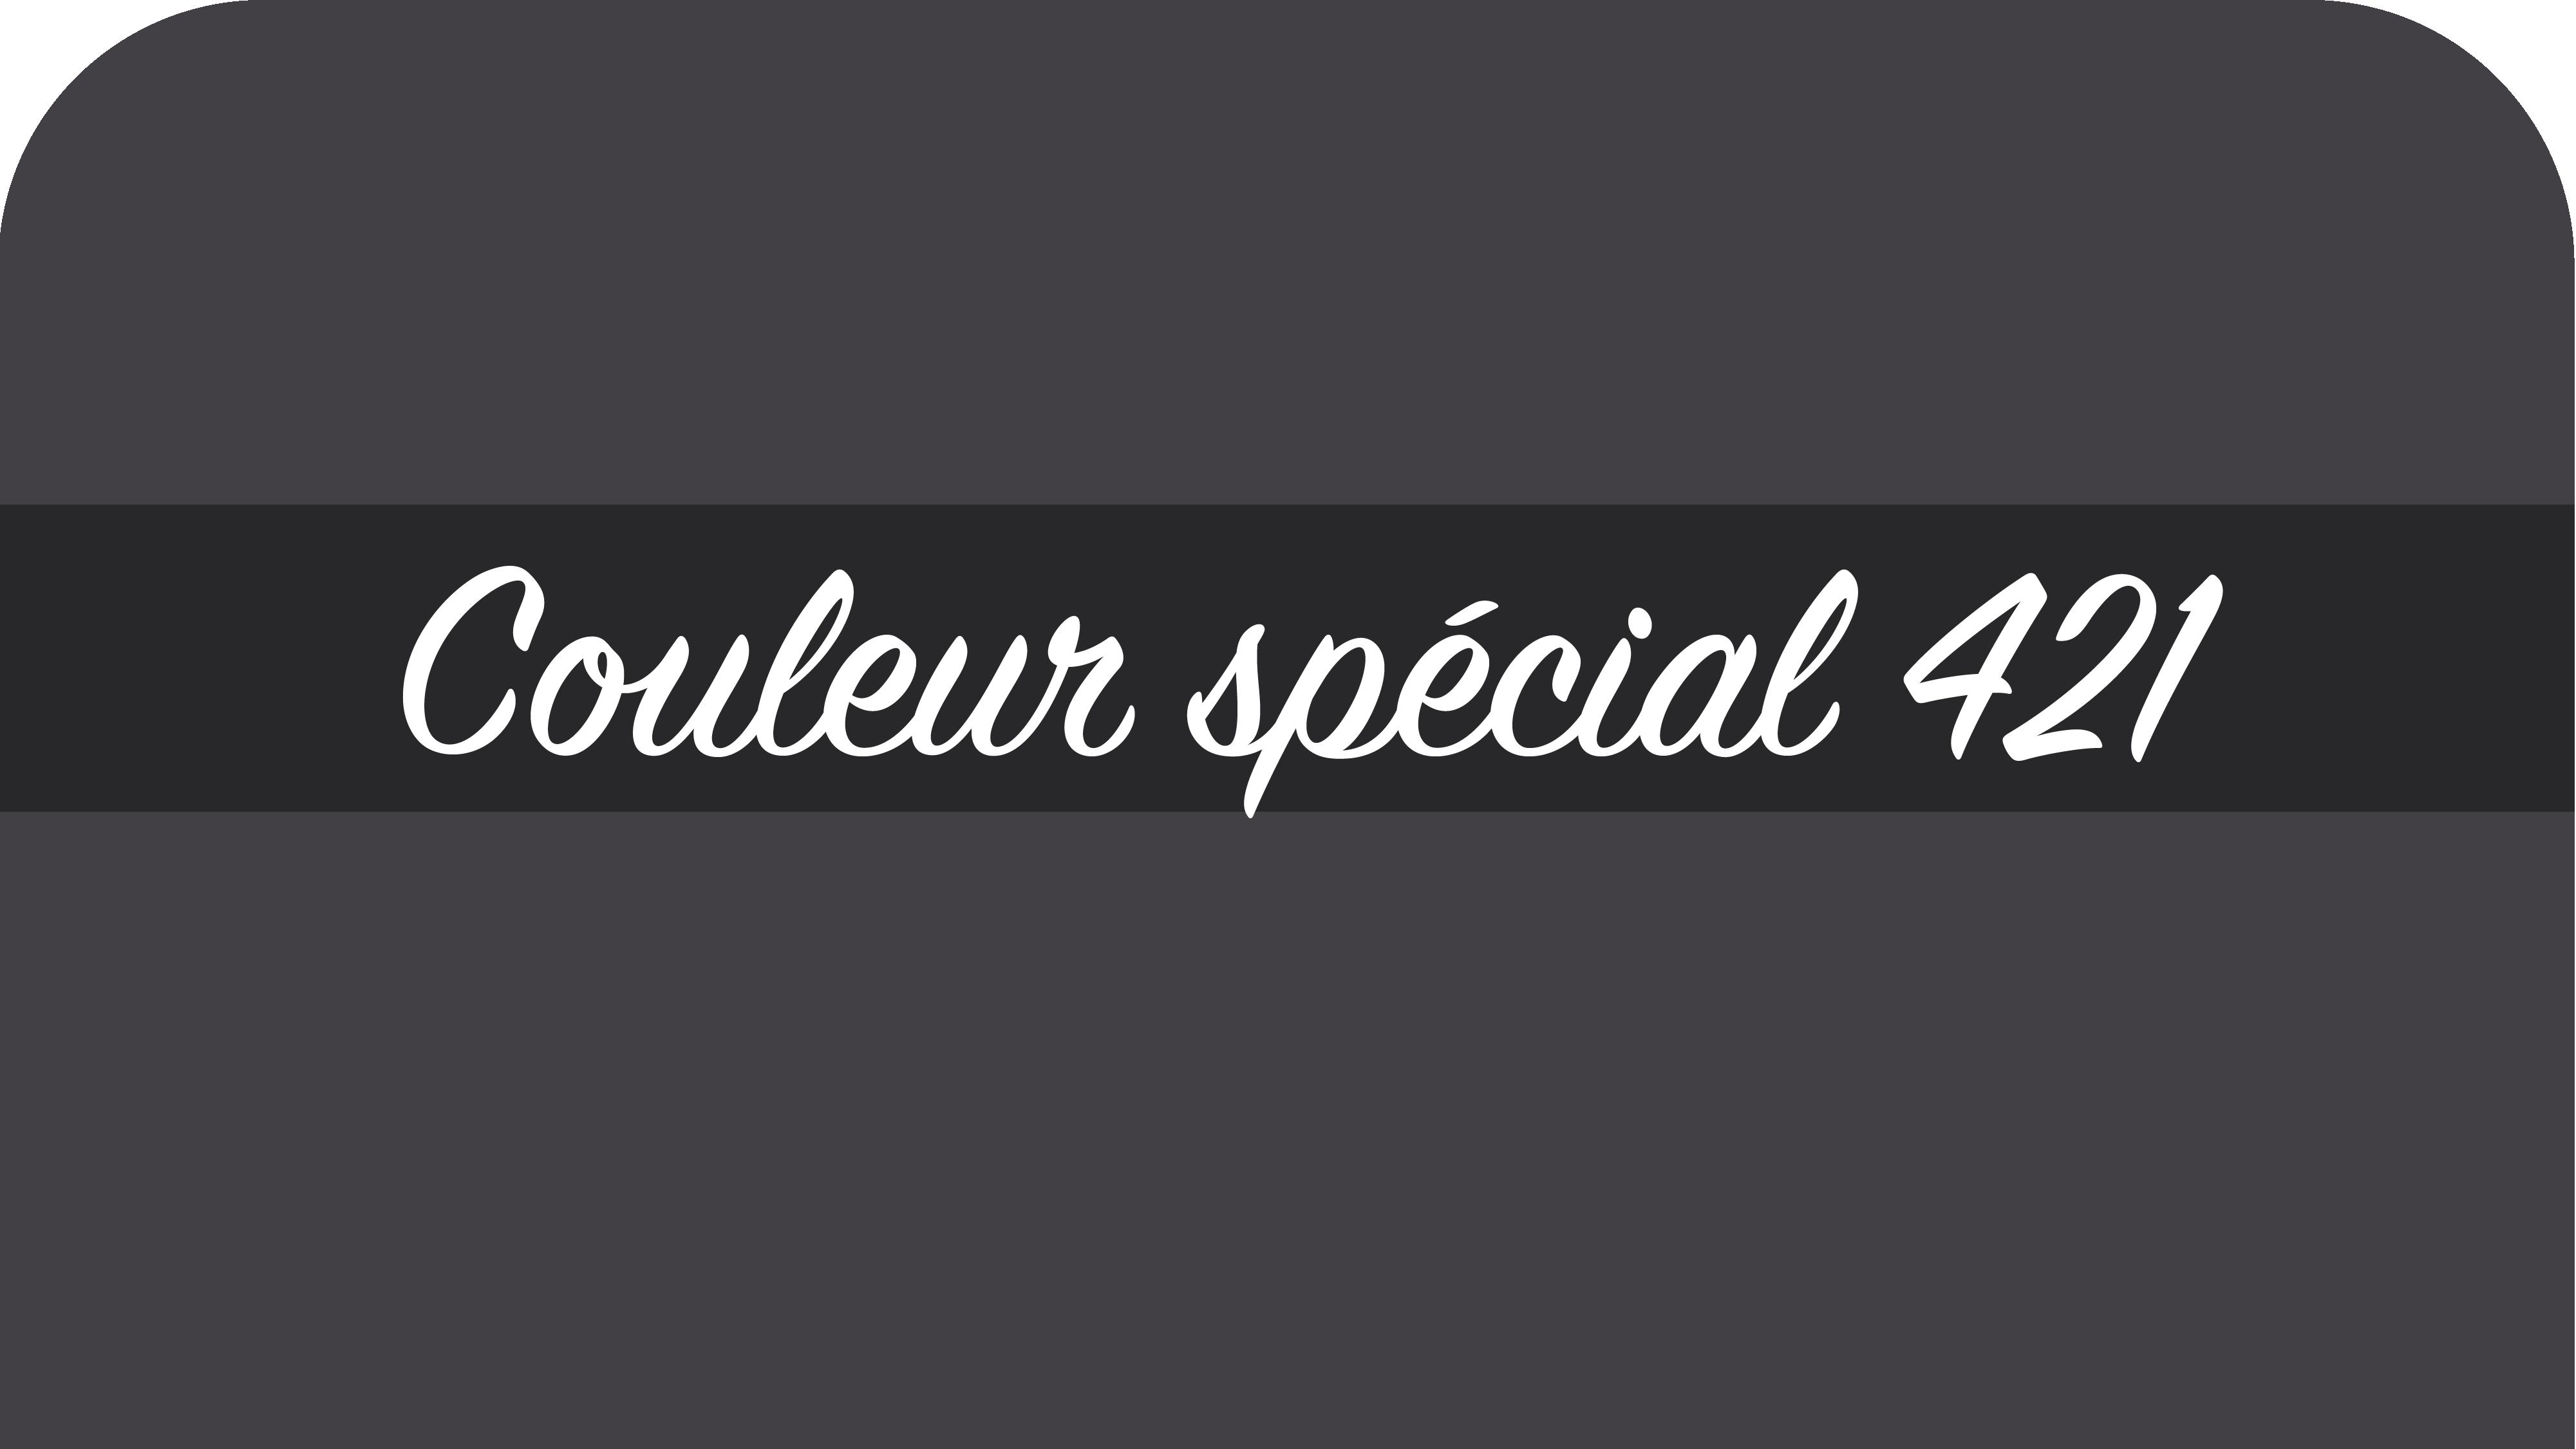 couleur-special-421